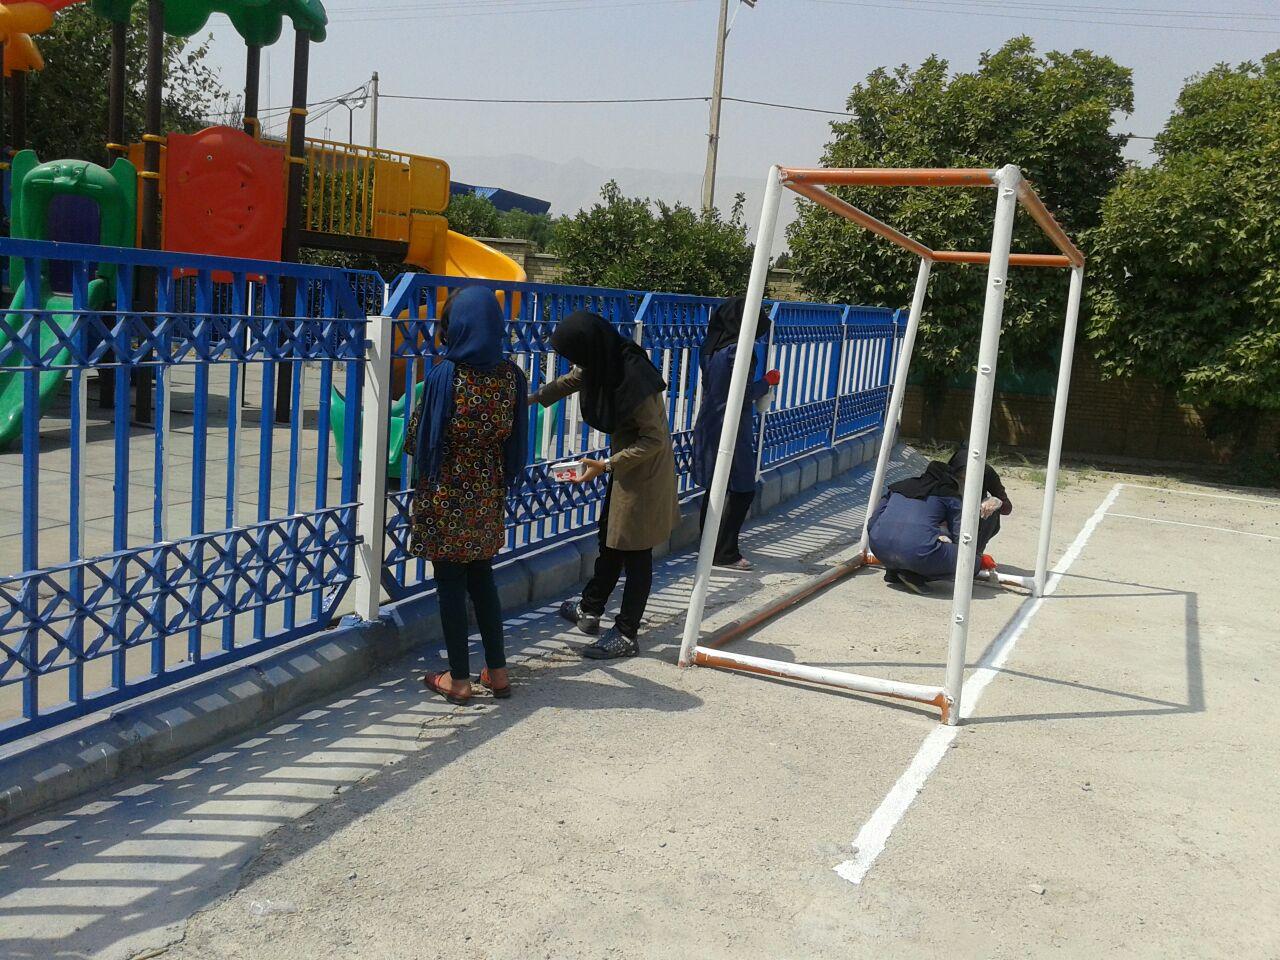 پایان اردوها ی جهادی 3روزه در شهر کازرون